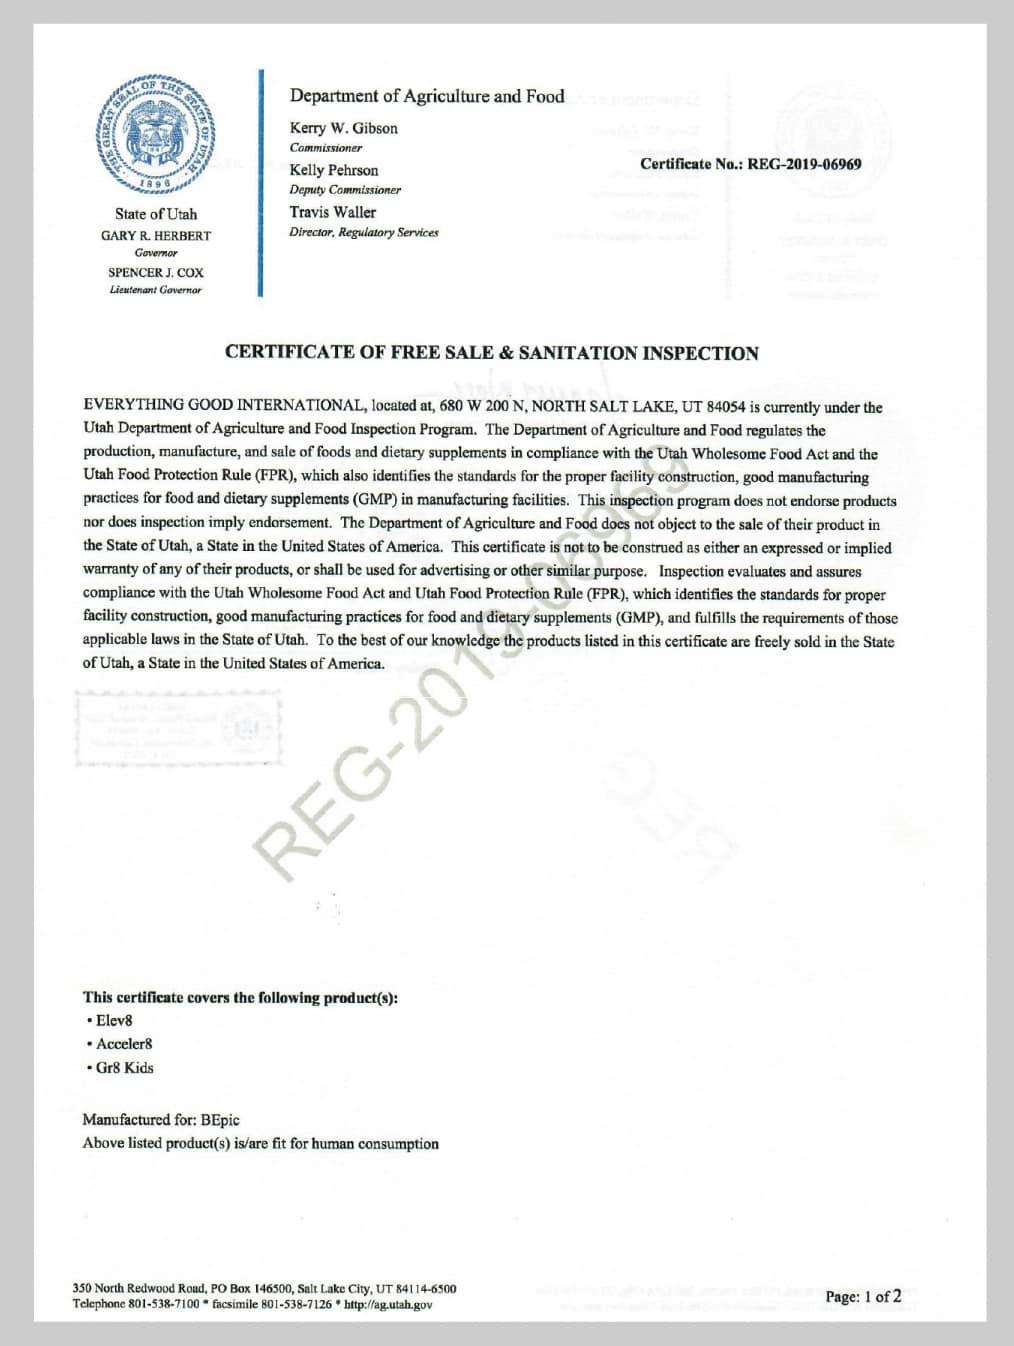 Сертификат Elev8, Acceler8, Gr8 Kids (США)